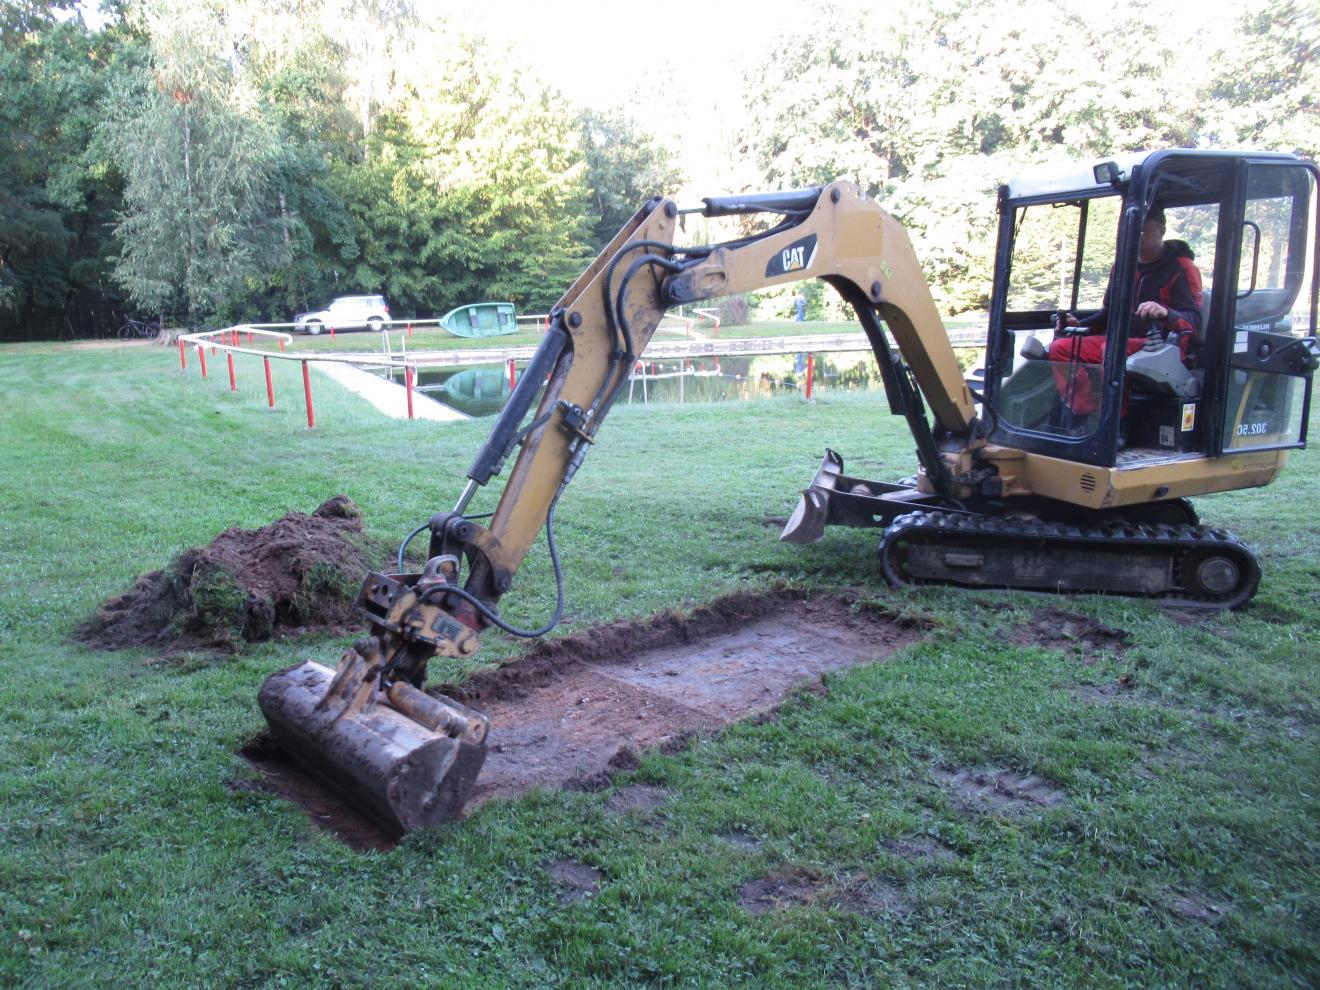 Aus- und Durchführung von Baggerschürfen Klärung der Baugrundverhältnisse im Bereich des Natur- und Waldbades in Nünchritz/Landkreis Meißen